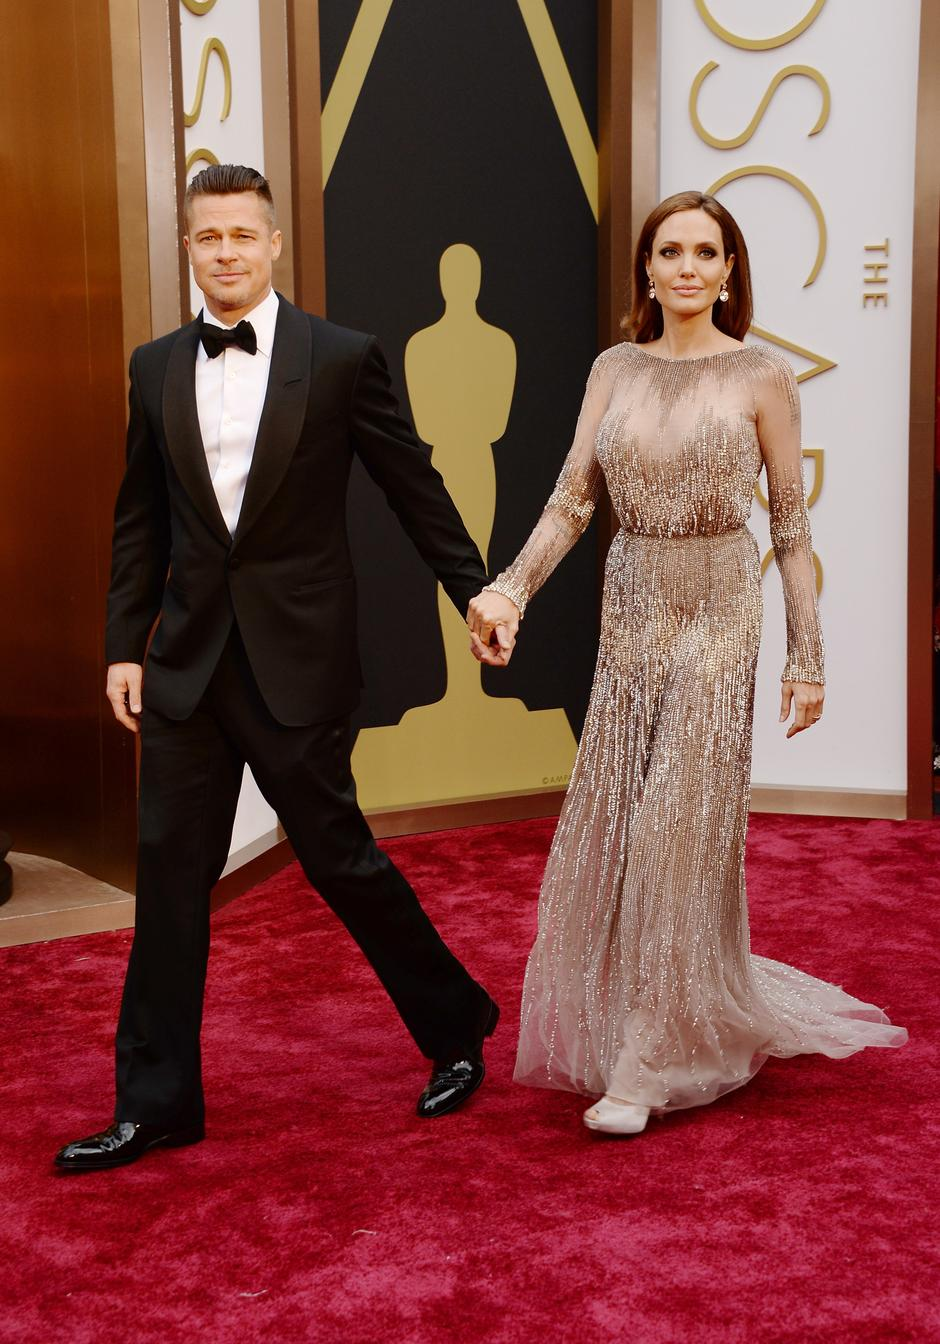 Mesclando o tradicional com o moderno, Brad Pitt desfilou ao lado de sua fiel companheira com um smoking de largas lapelas arredondadas e um topete  under cut bastante elegante. Um pouco exagerado, alguns podem achar, mas que ficou bem, ficou.